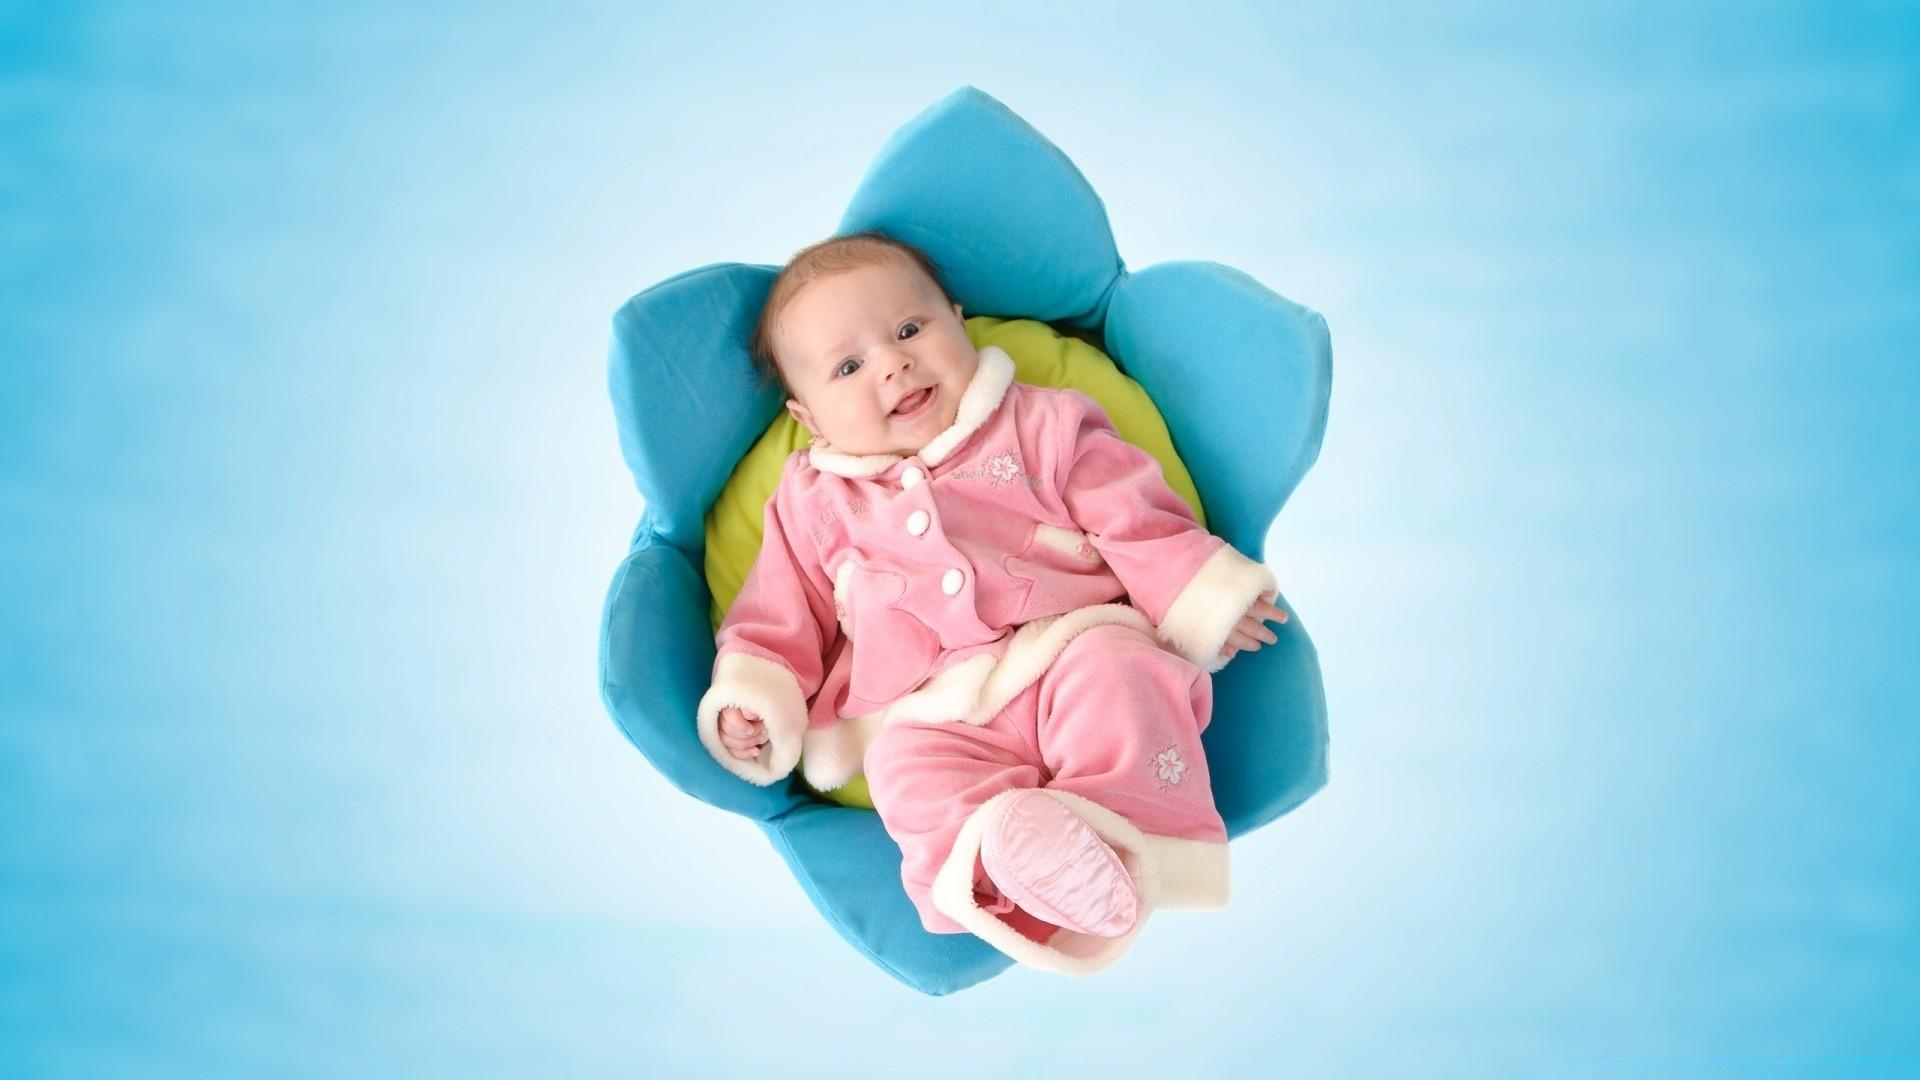 Картинки с малышами новорожденными